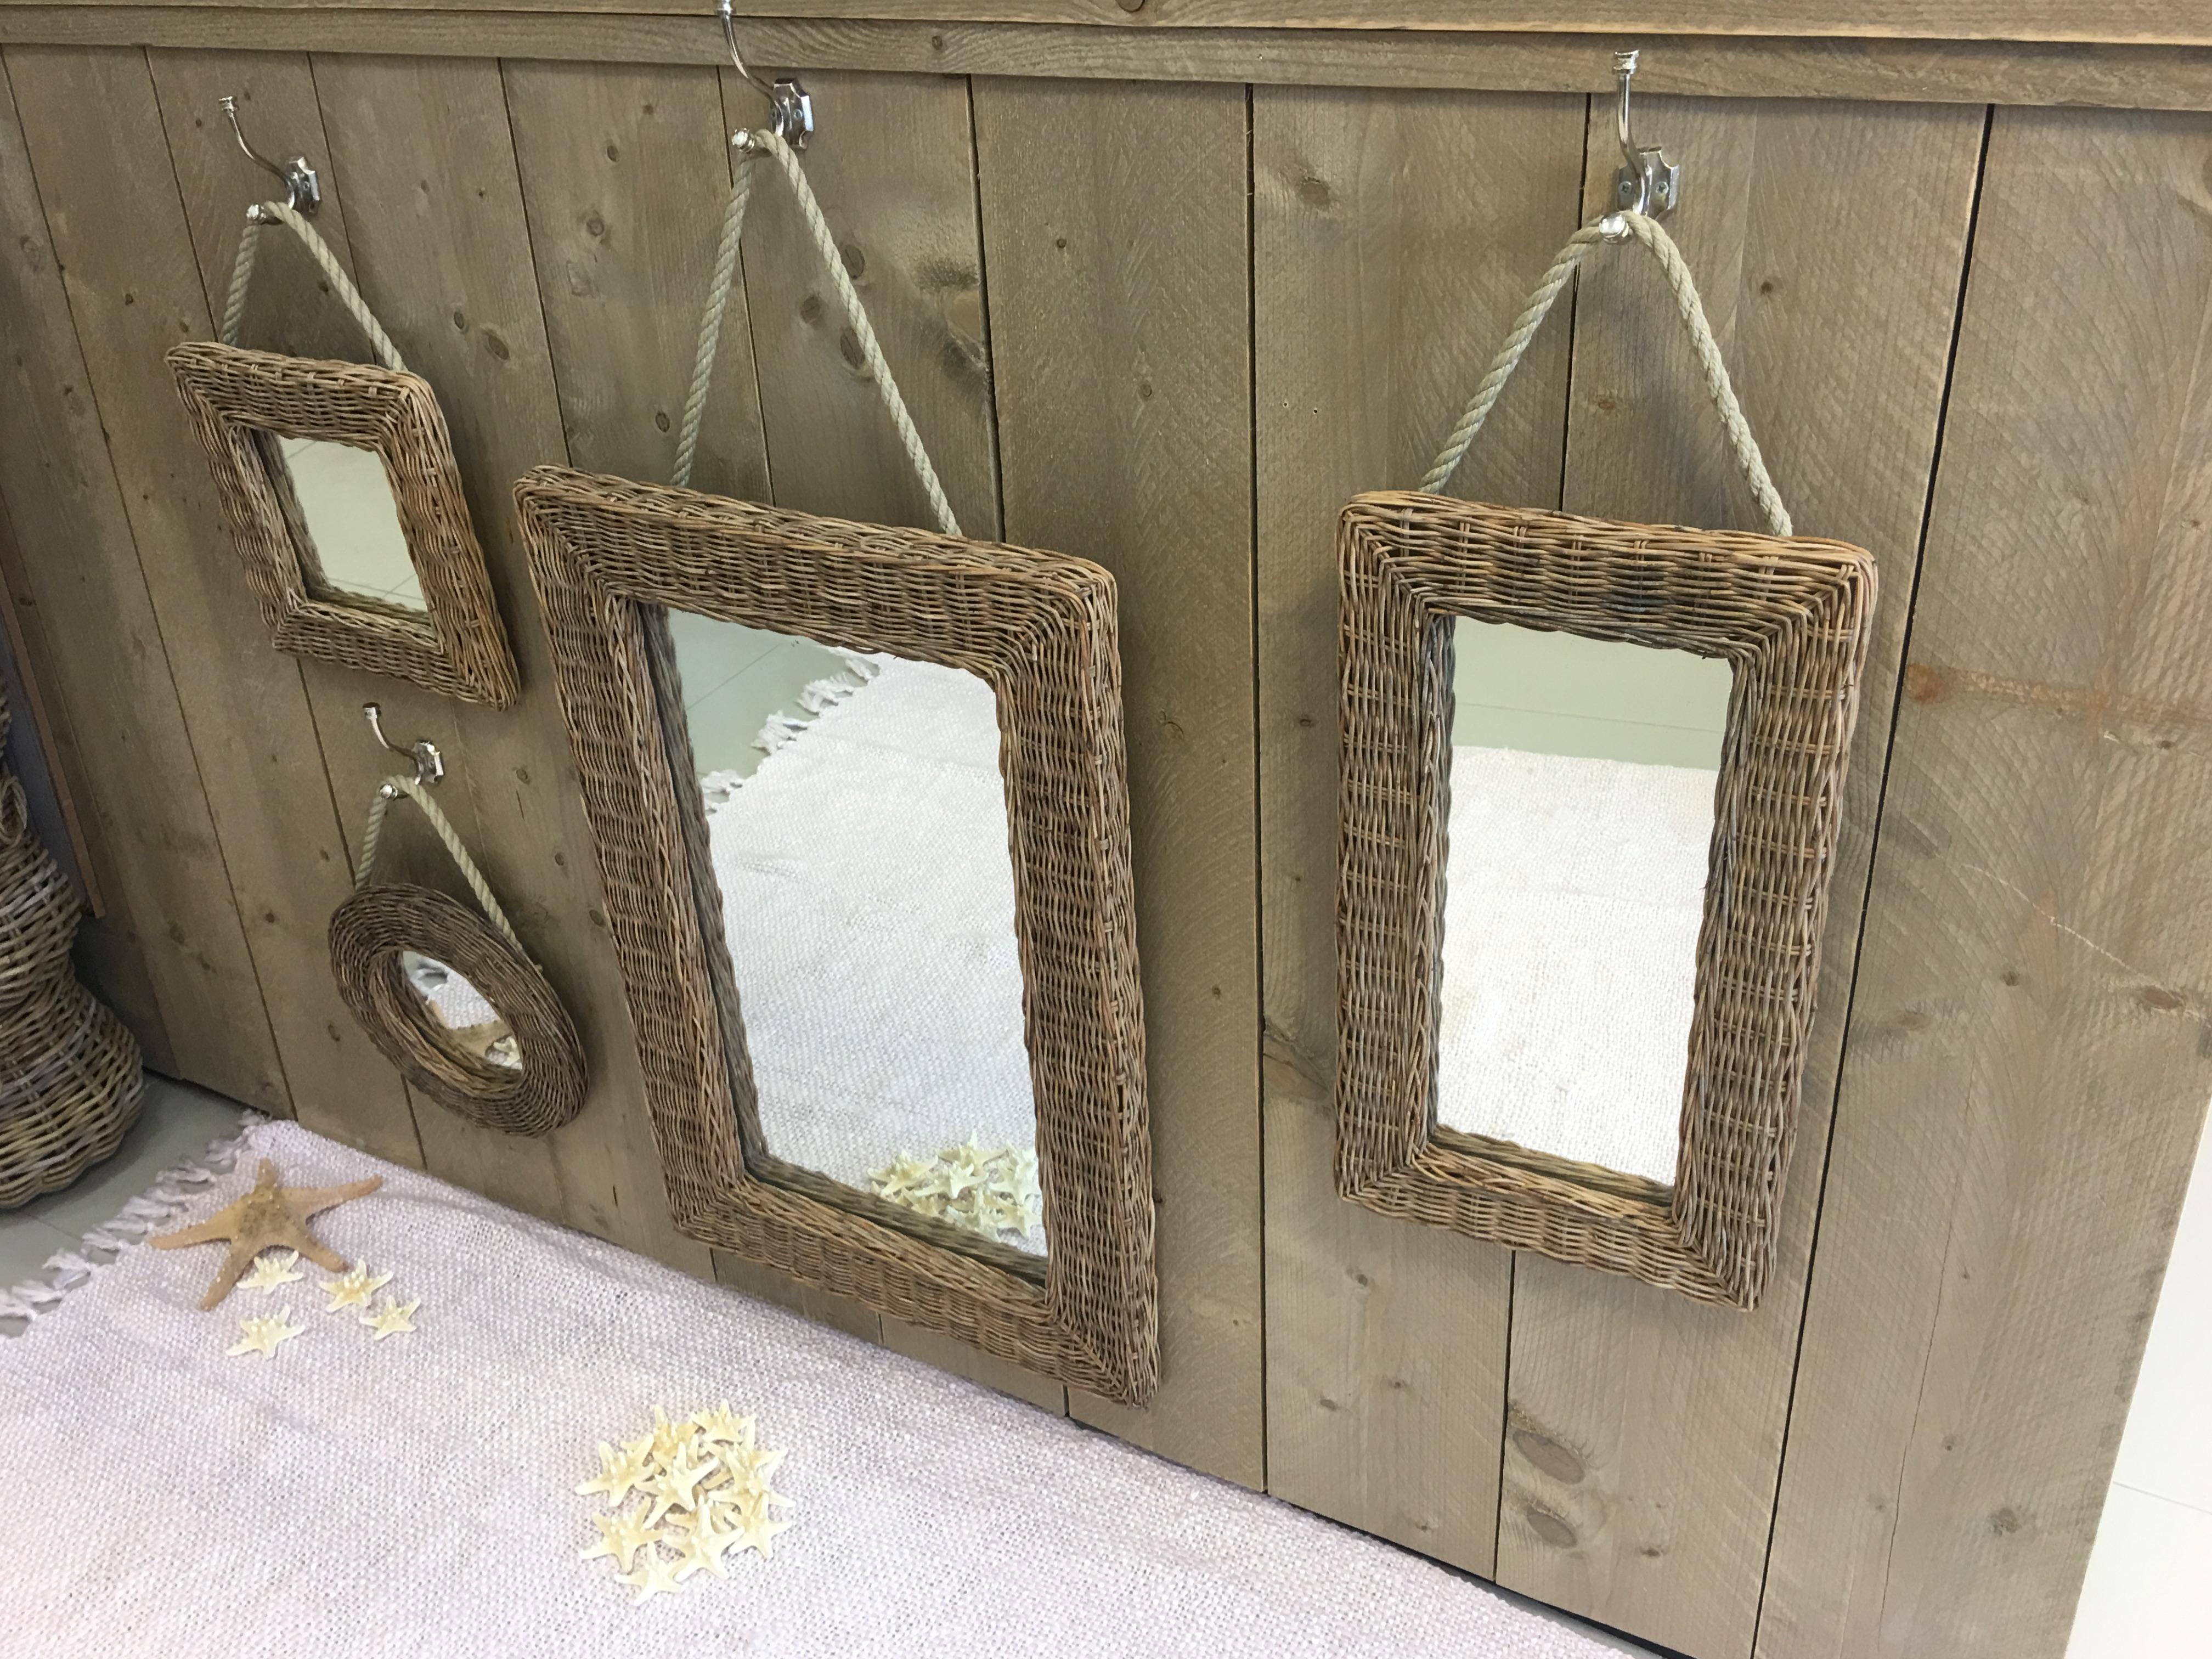 rieten spiegel rechthoek 53cm decoshoppen rieten spiegel rechthoek 53cm. Black Bedroom Furniture Sets. Home Design Ideas